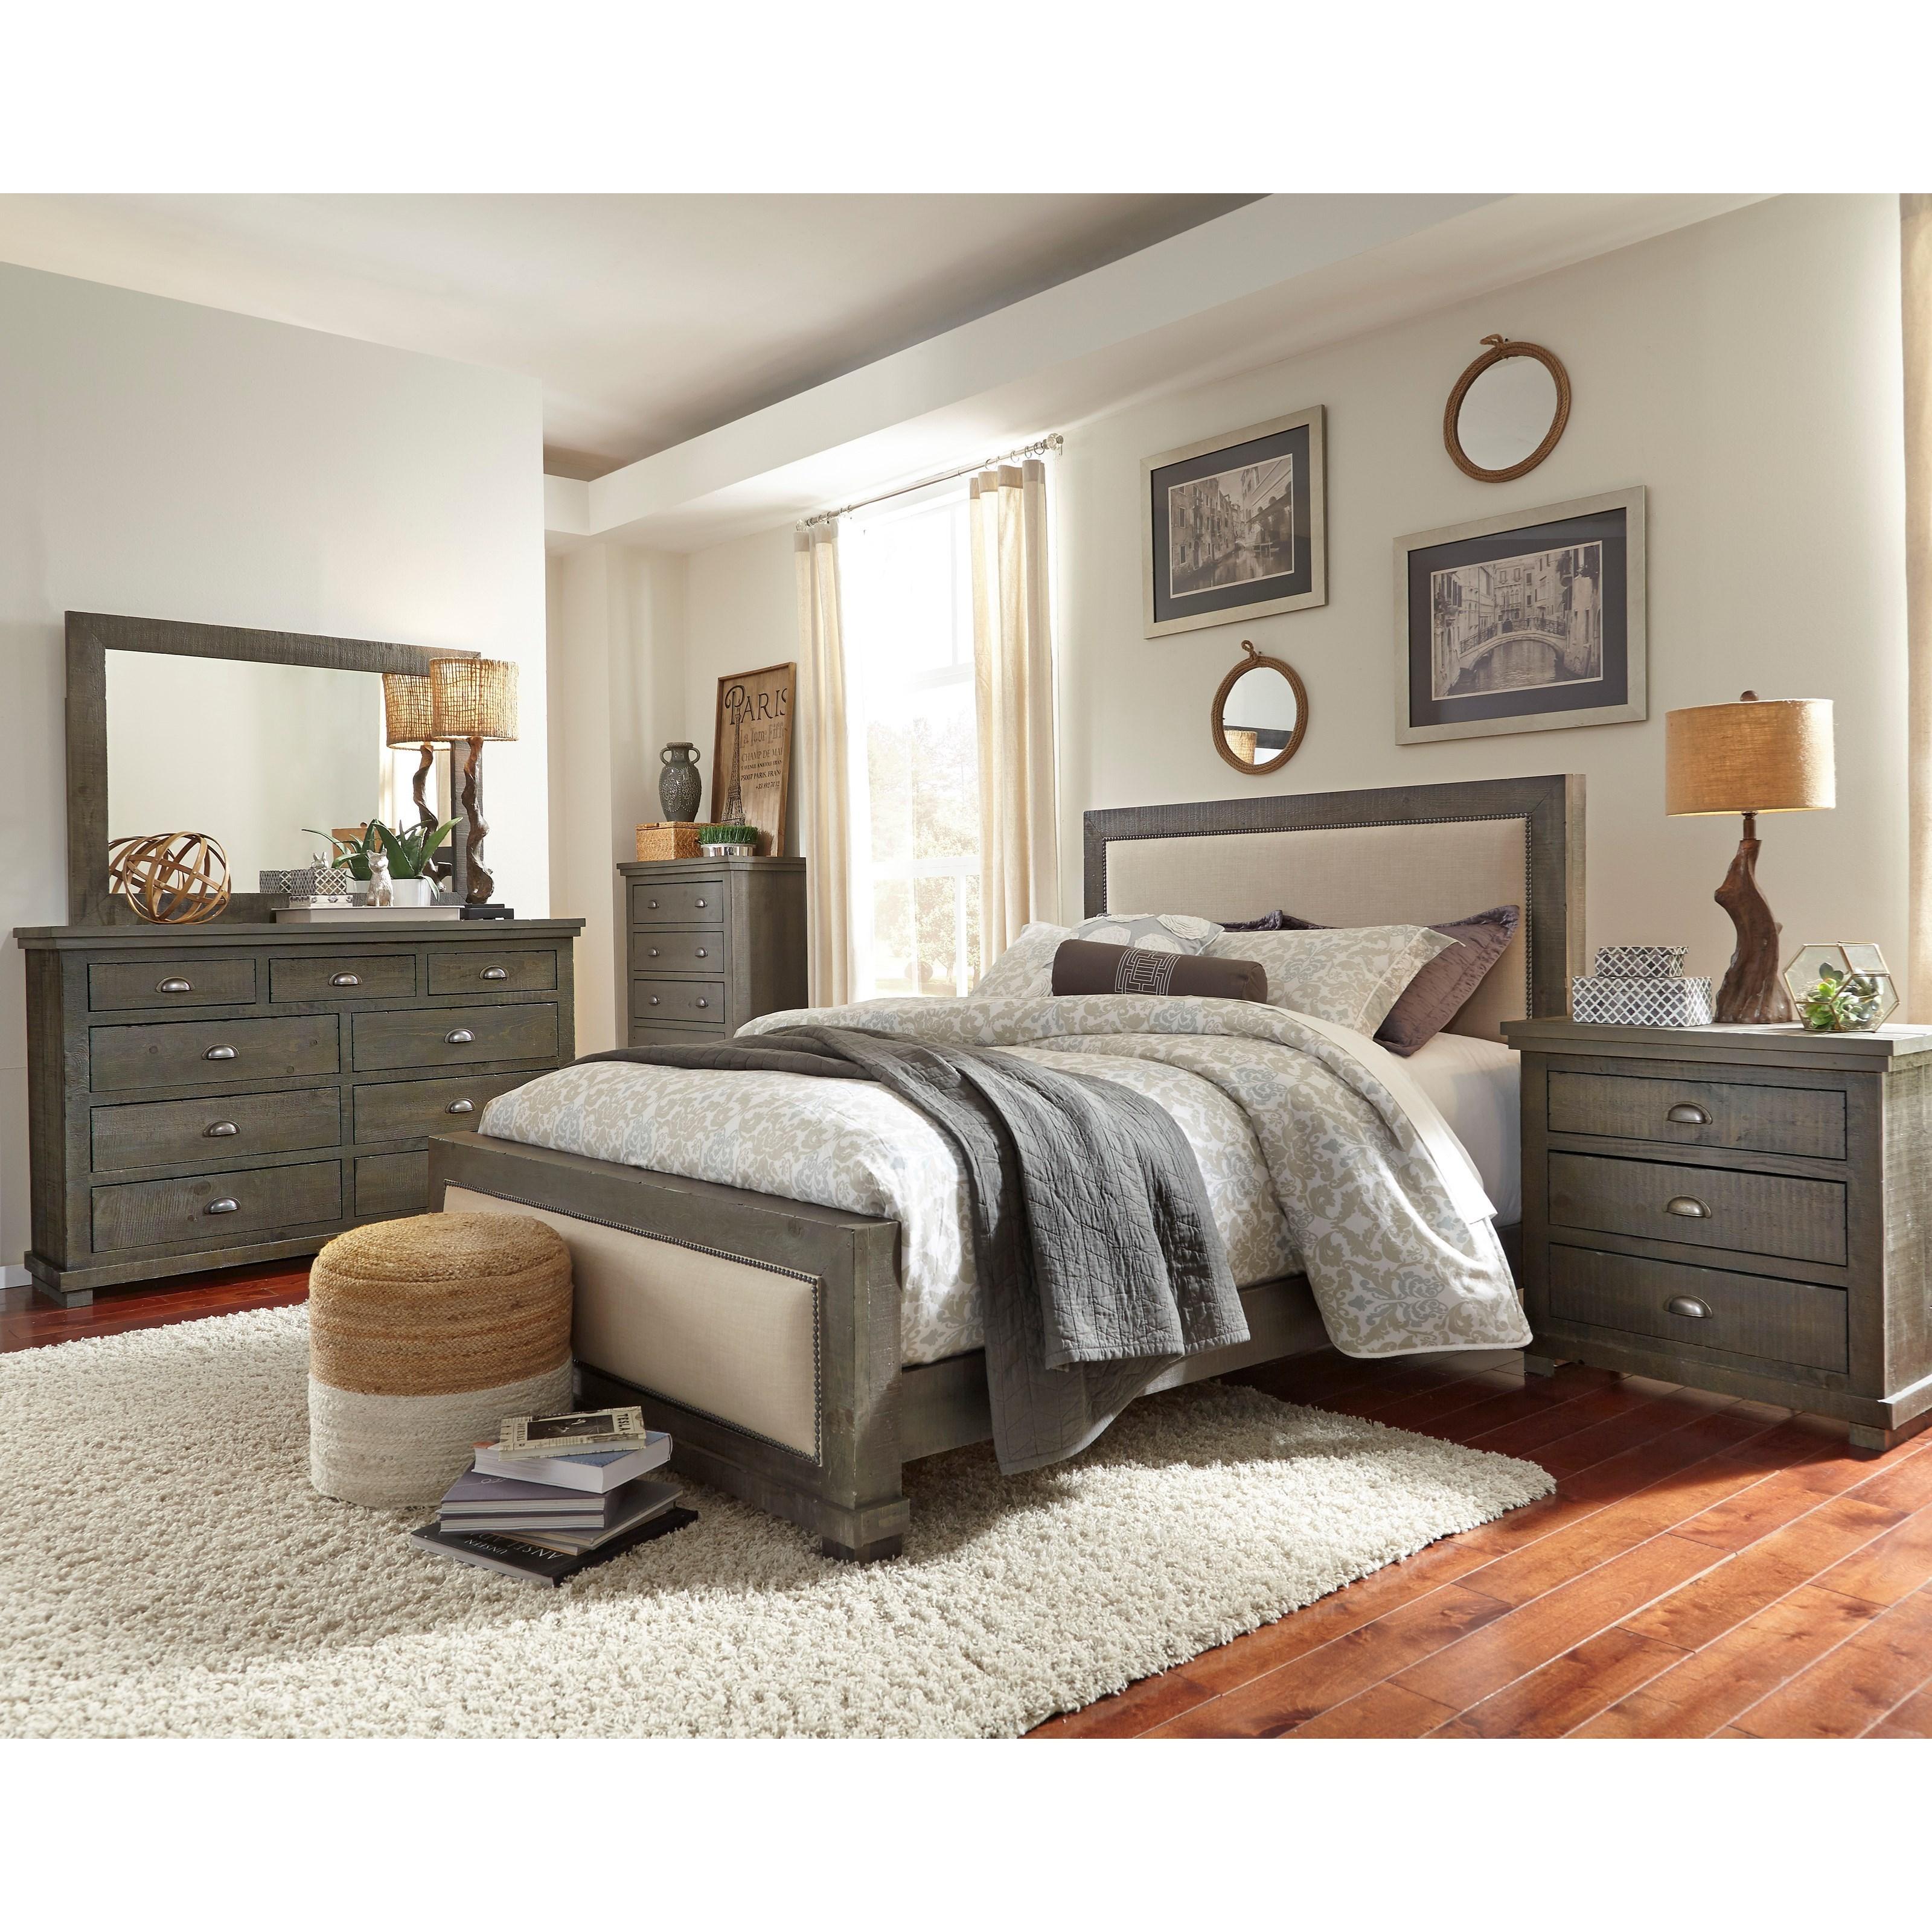 Progressive Furniture Willow King Bedroom Group Hudson 39 S Furniture Bedroom Groups